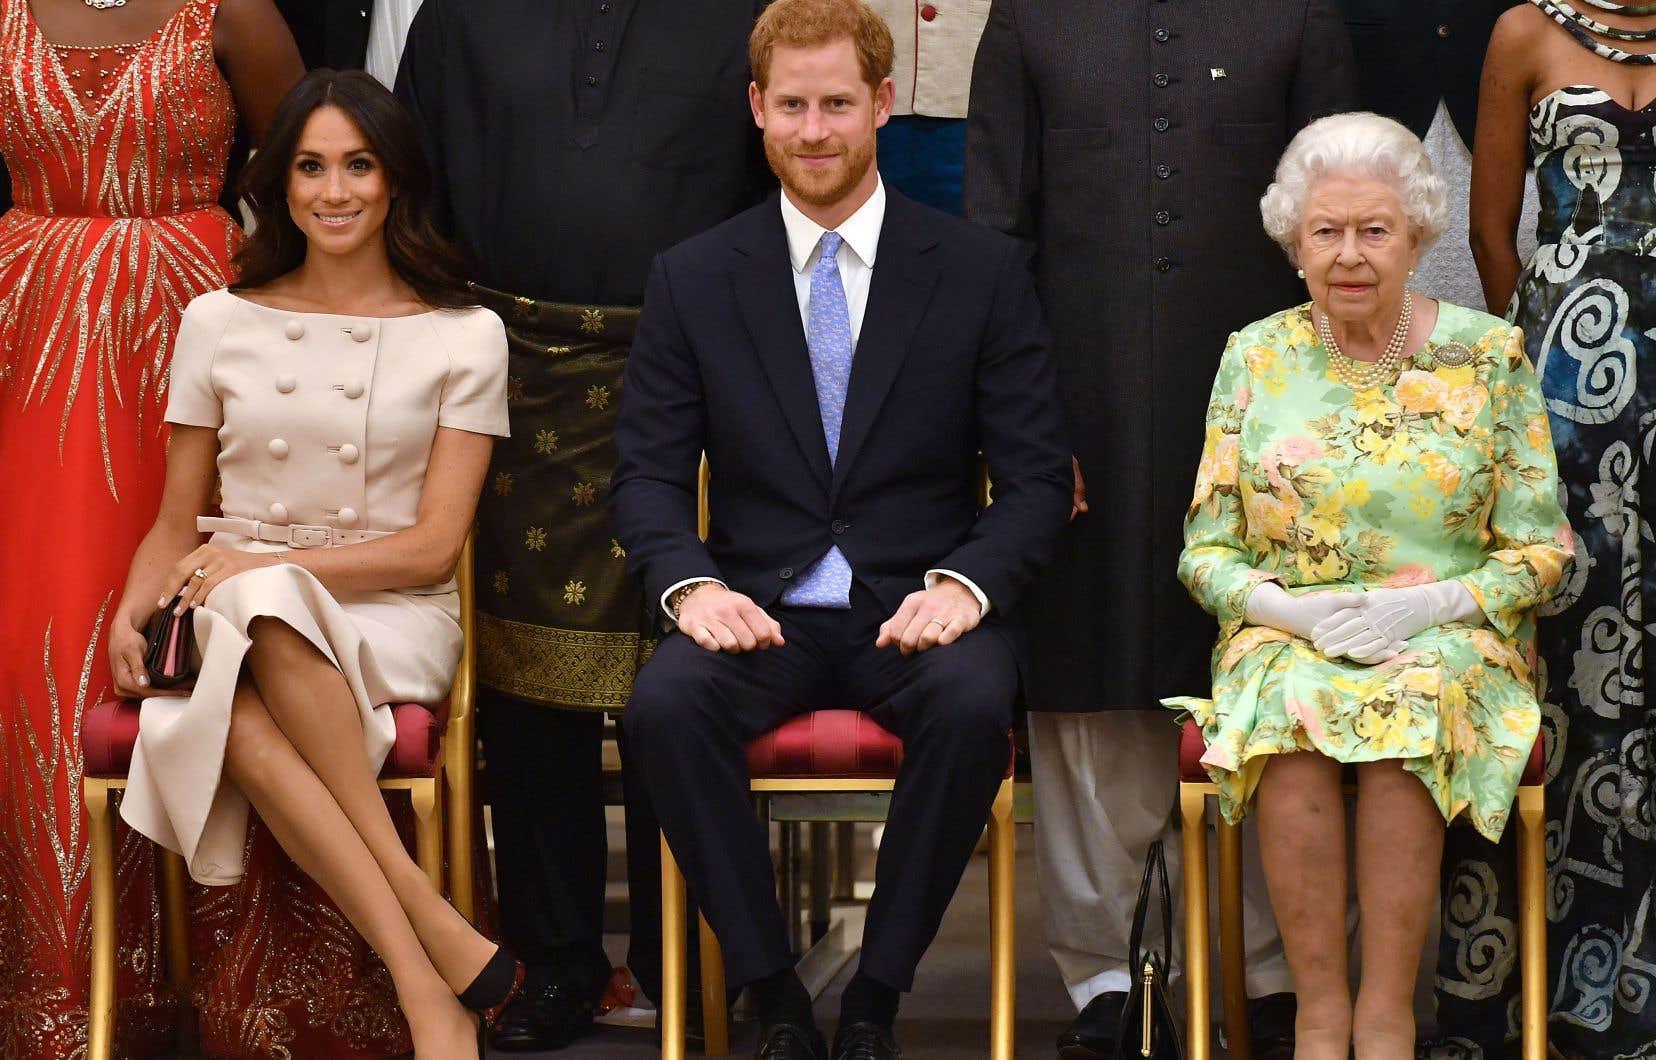 La reine Élisabeth IIa témoigné son amour au couple formé par Harry et Meghan.